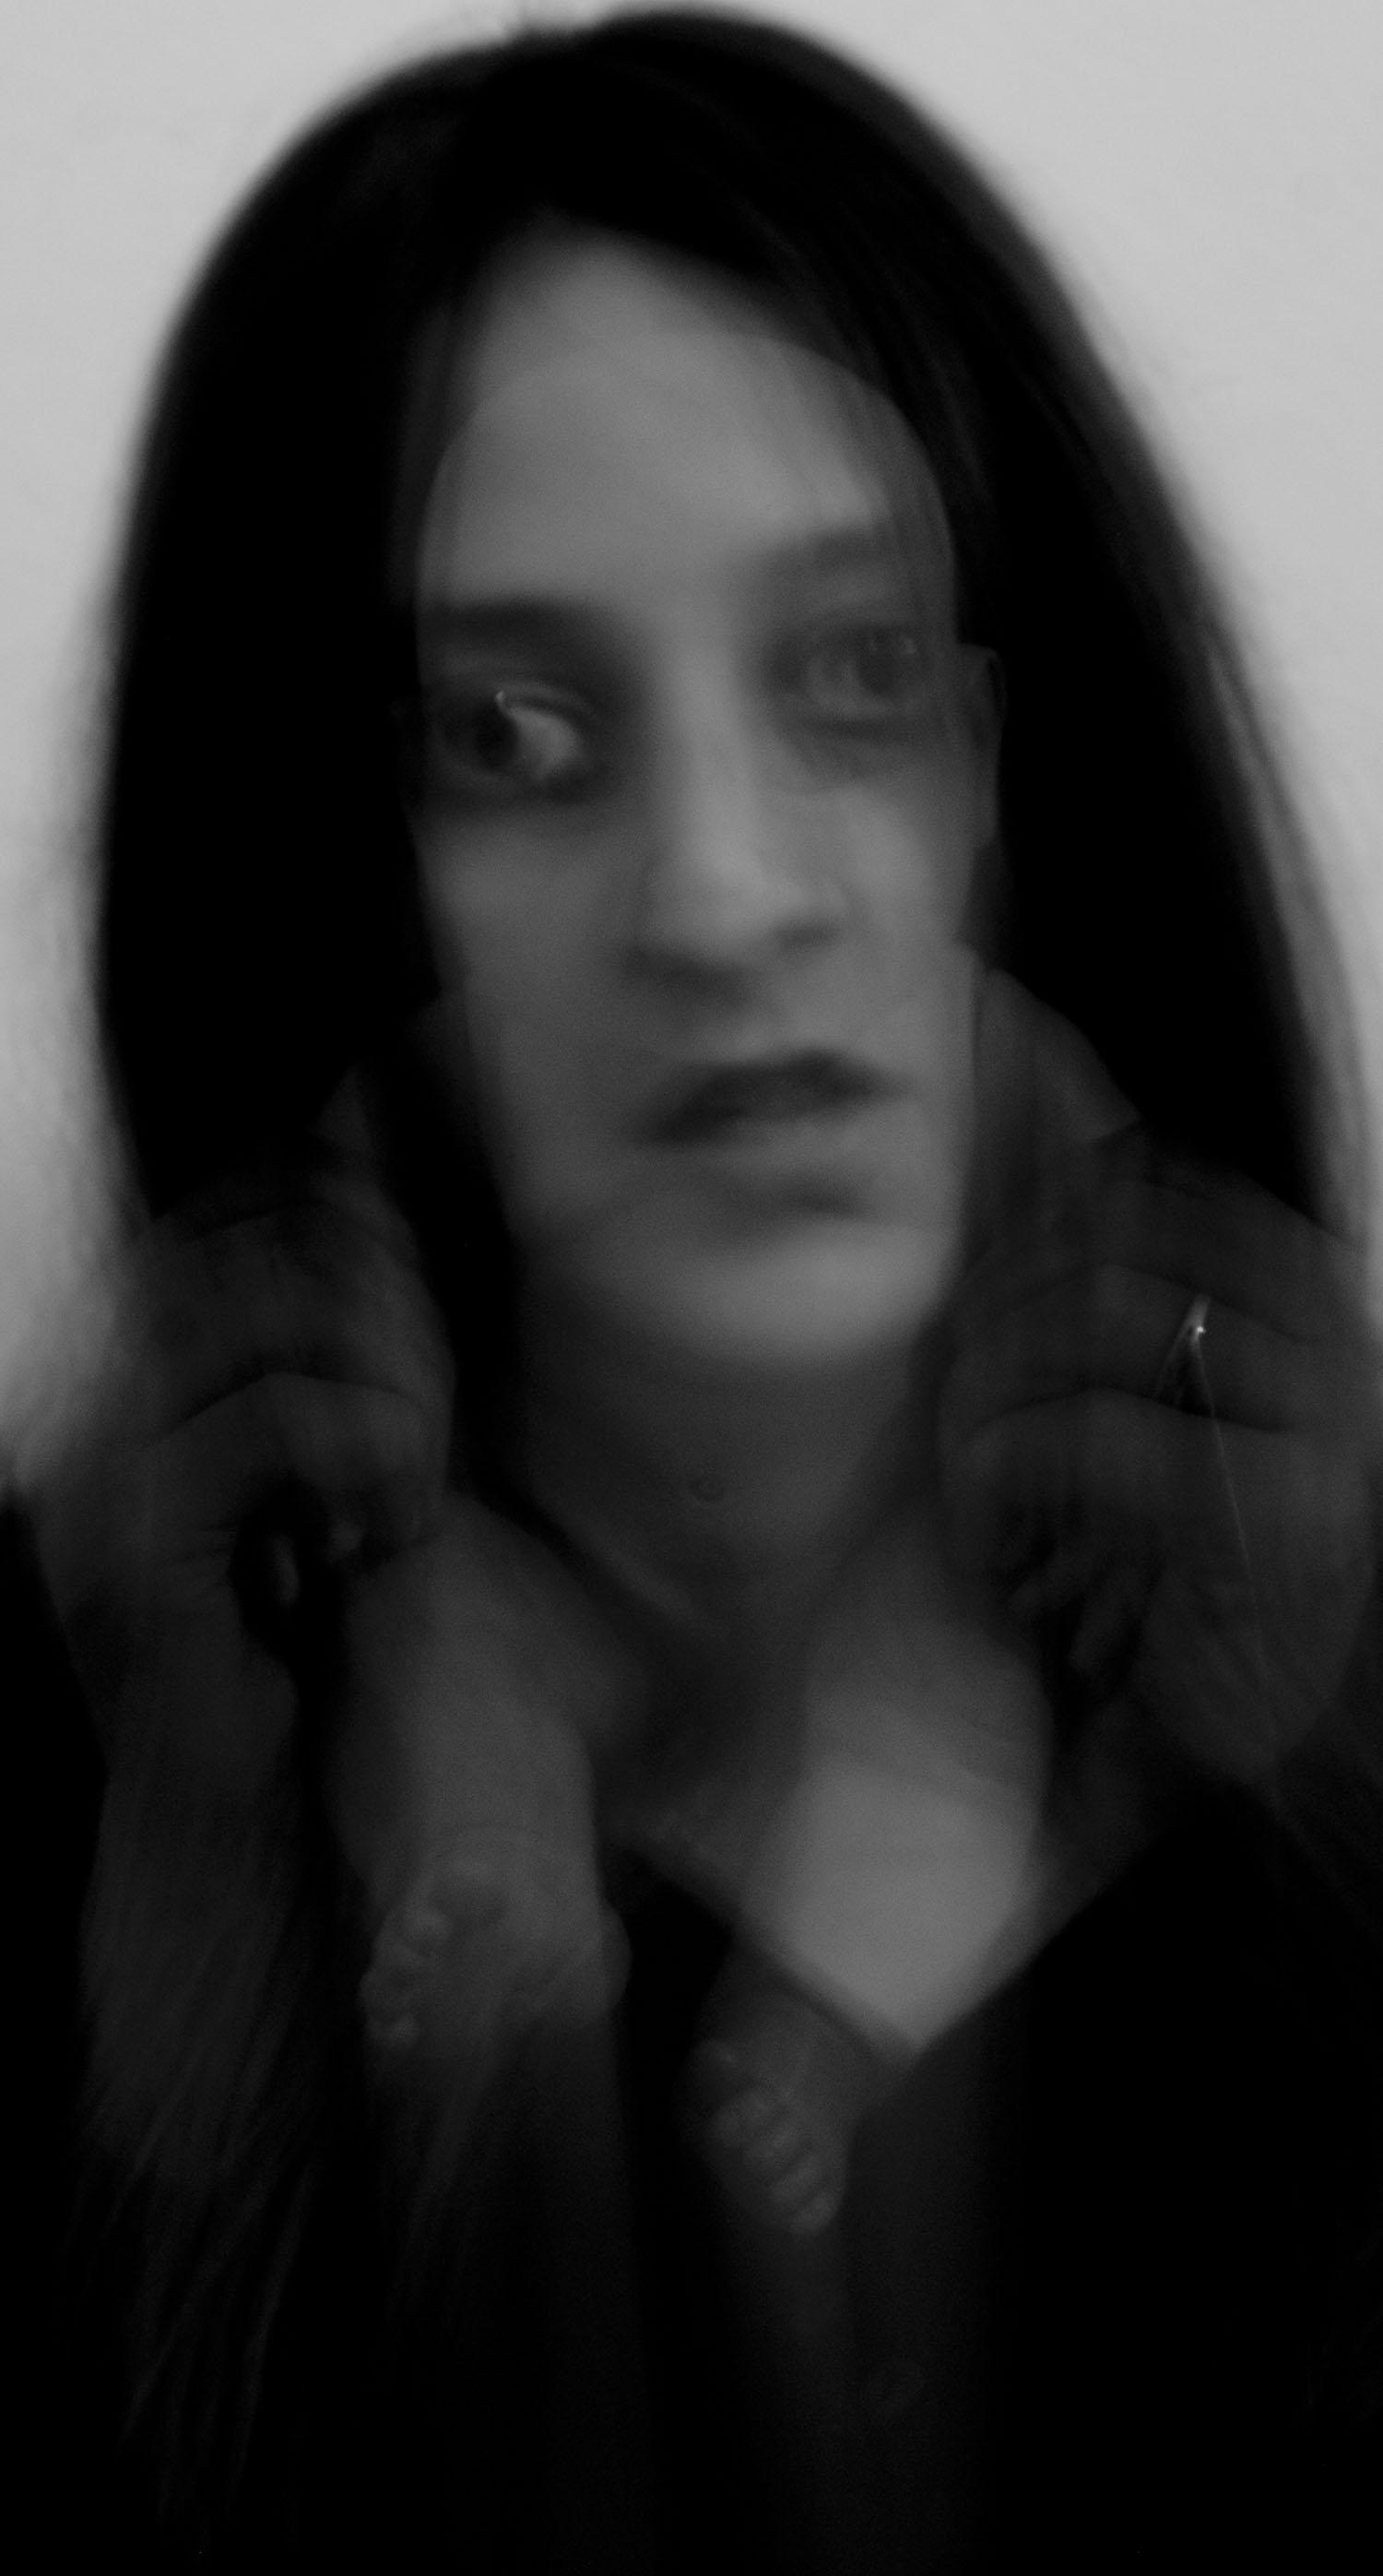 Safaa Mazirh, Autoportrait, #6